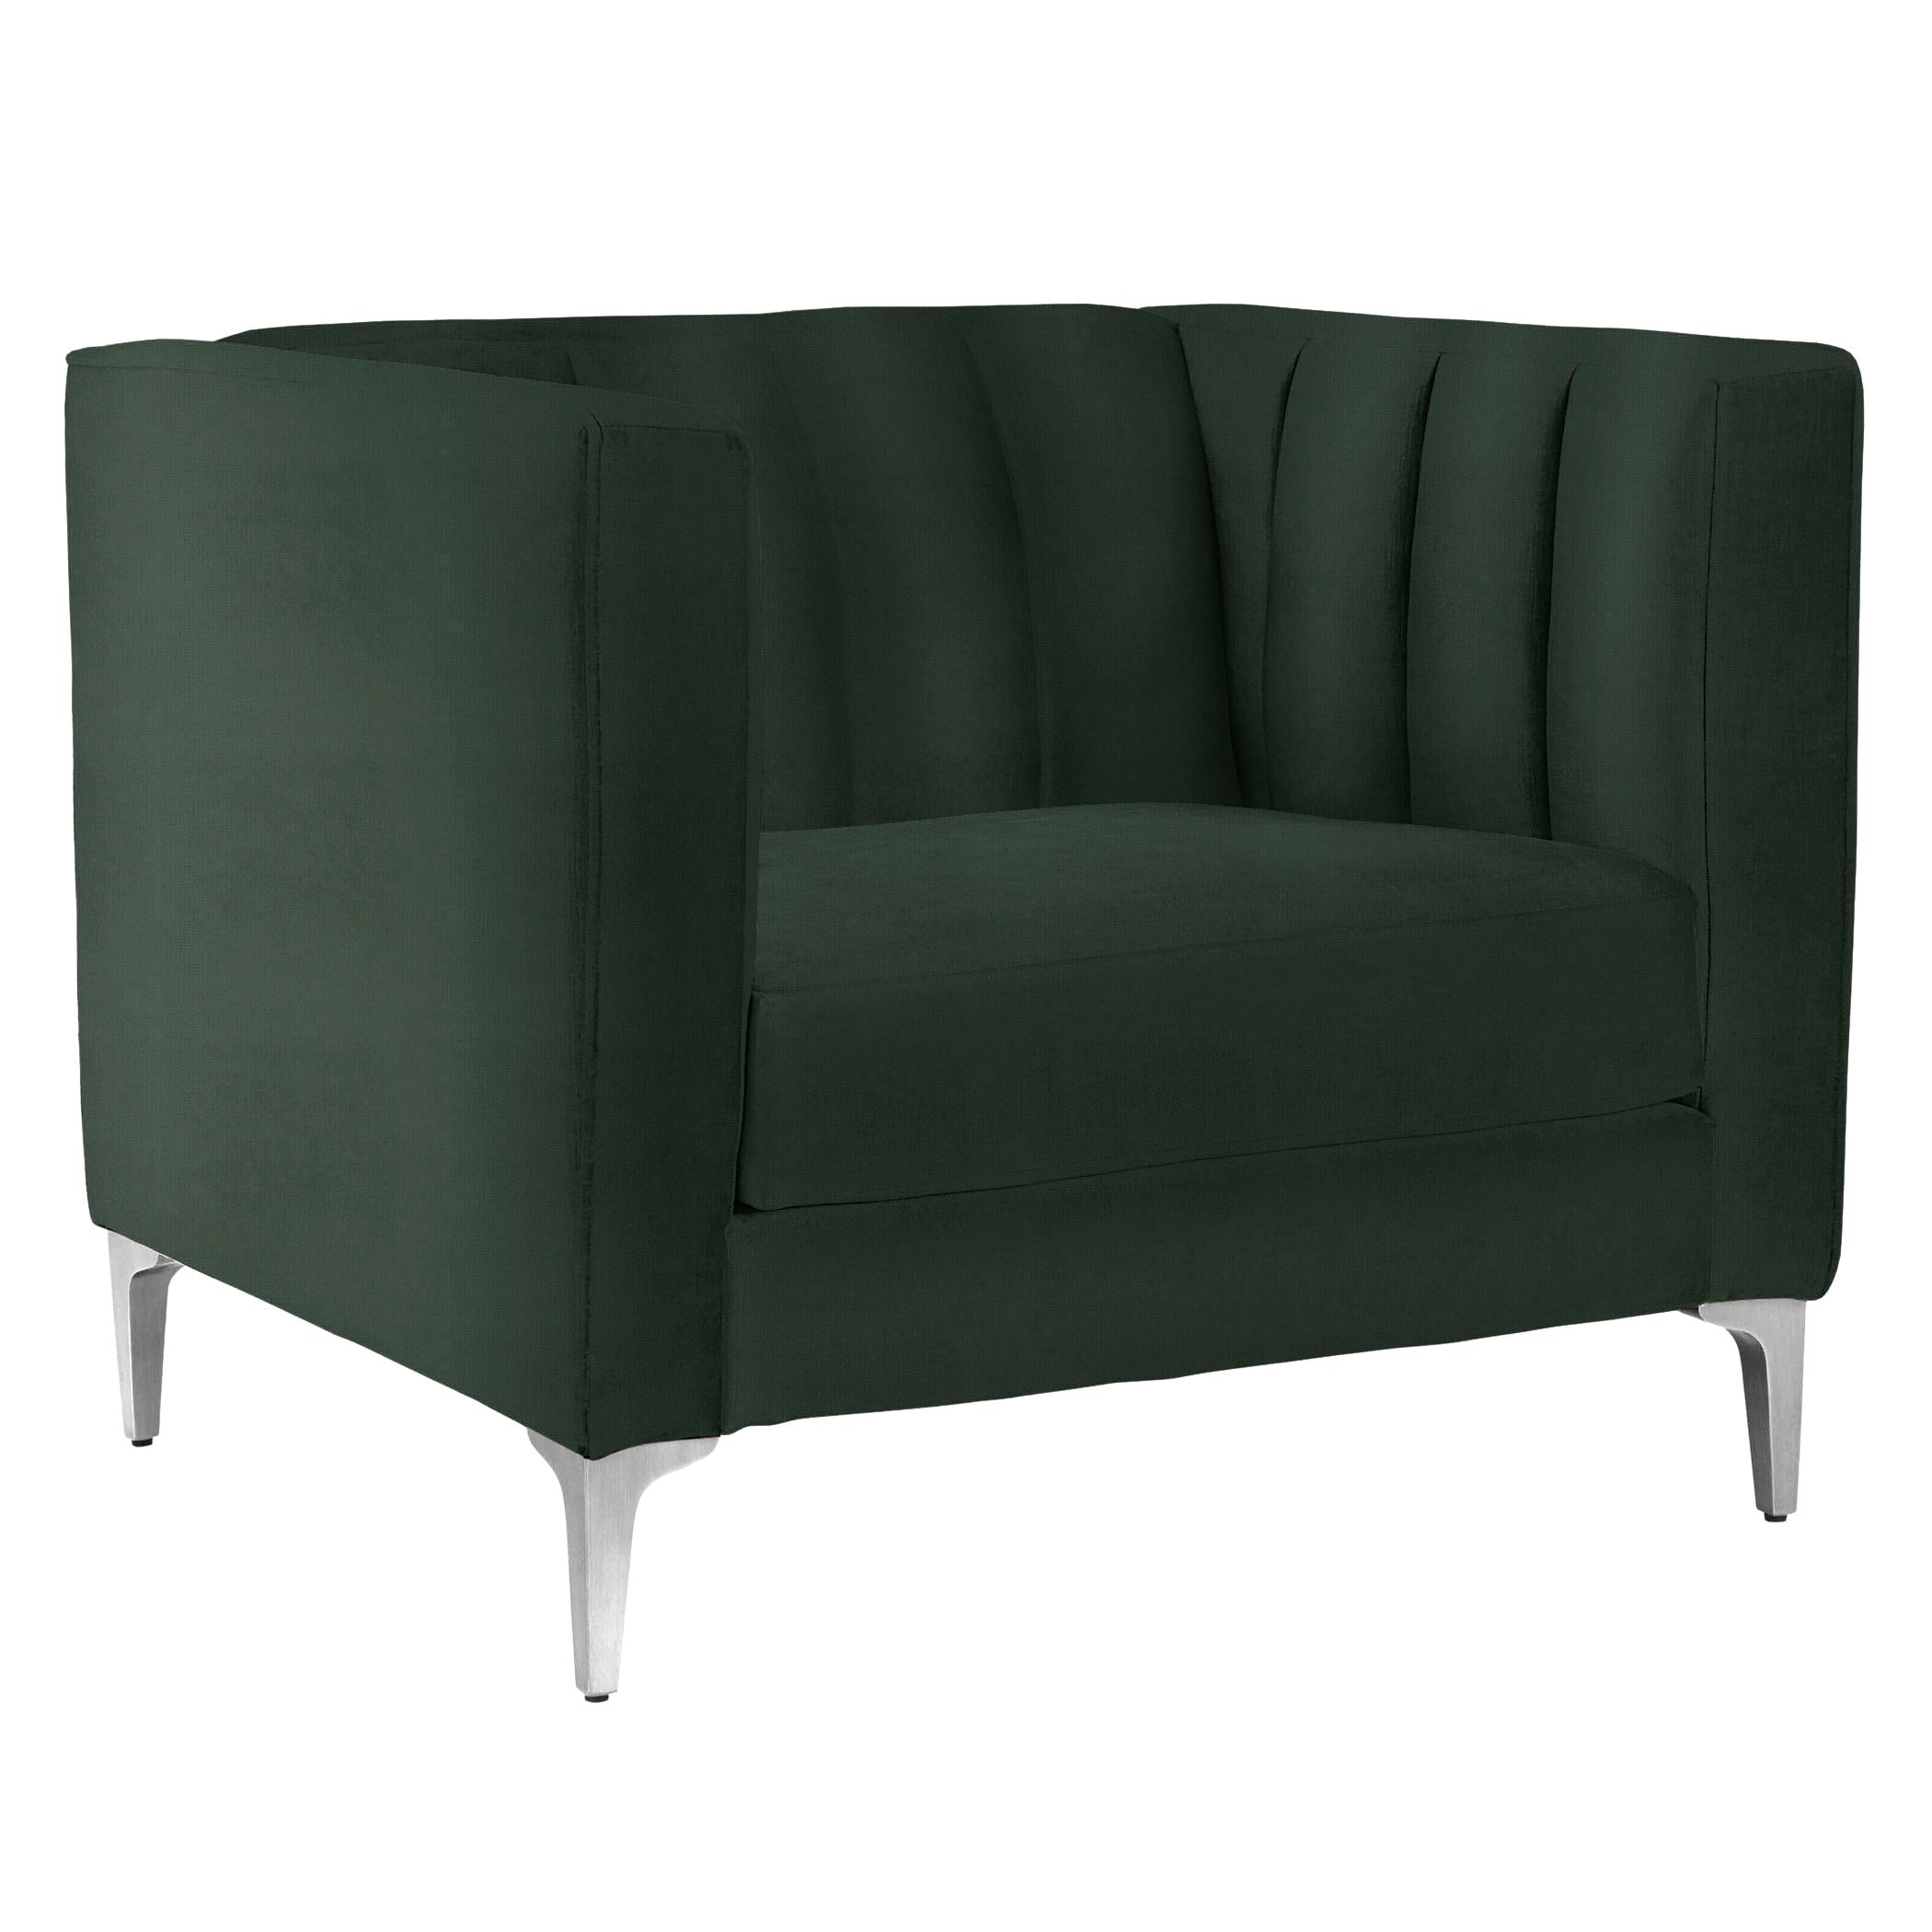 Crestmont Chair